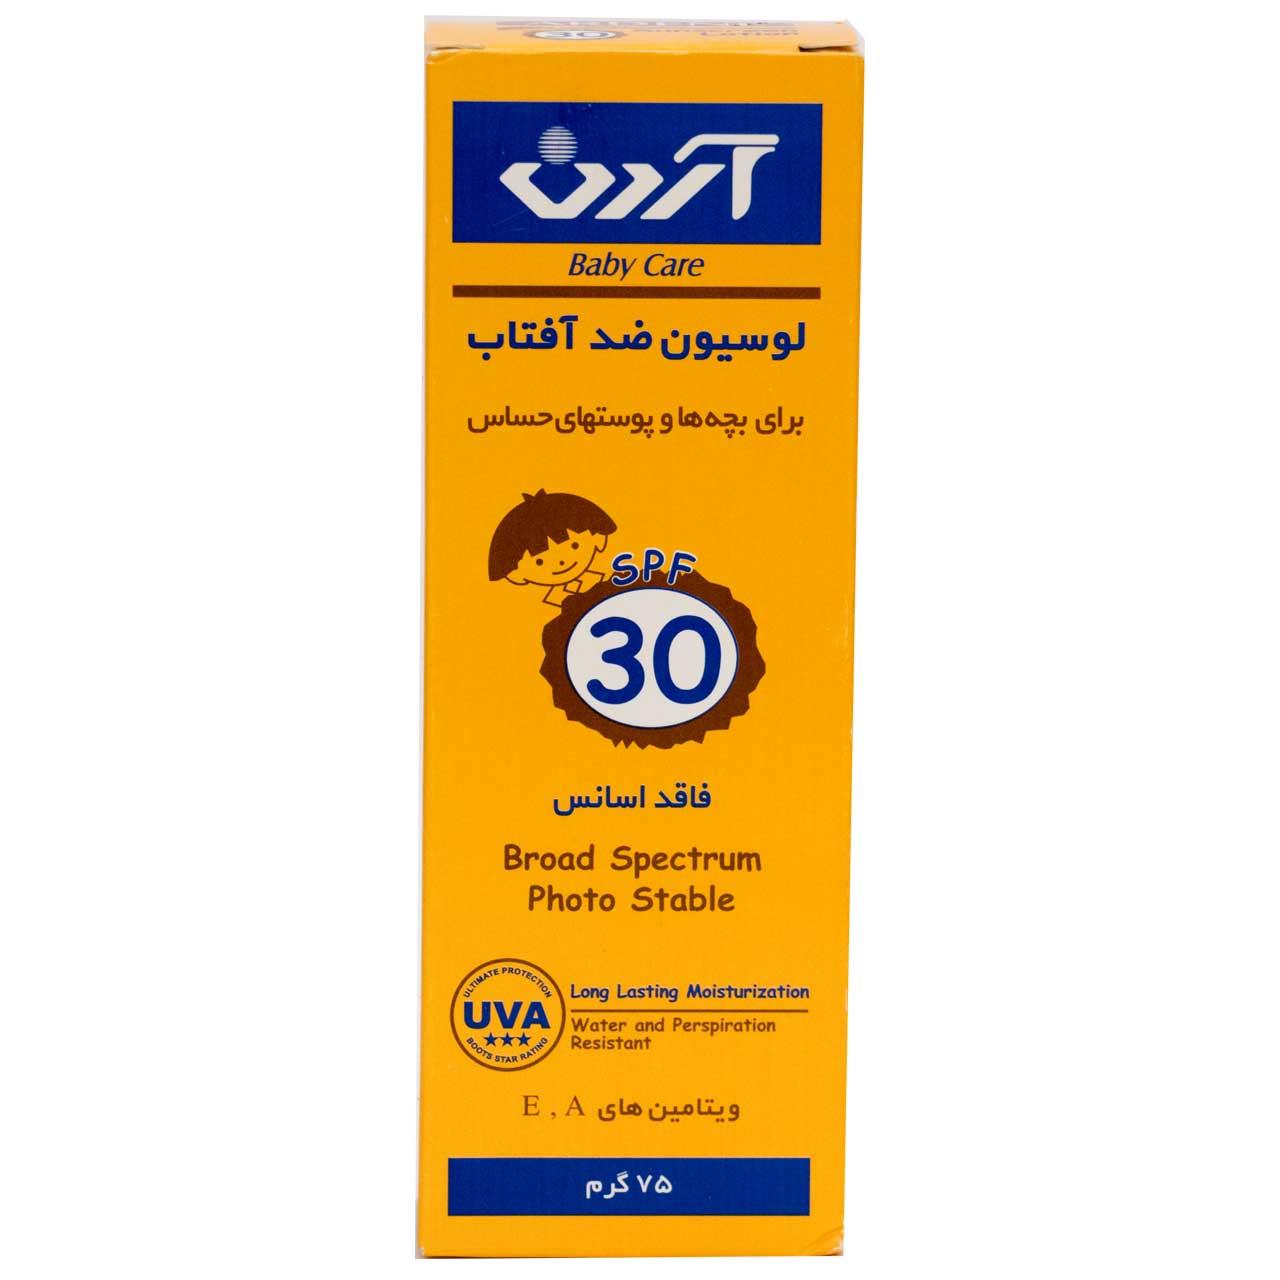 قیمت لوسیون ضدآفتاب کودکان و پوست های حساس آردن SPF30 حجم 75 گرم